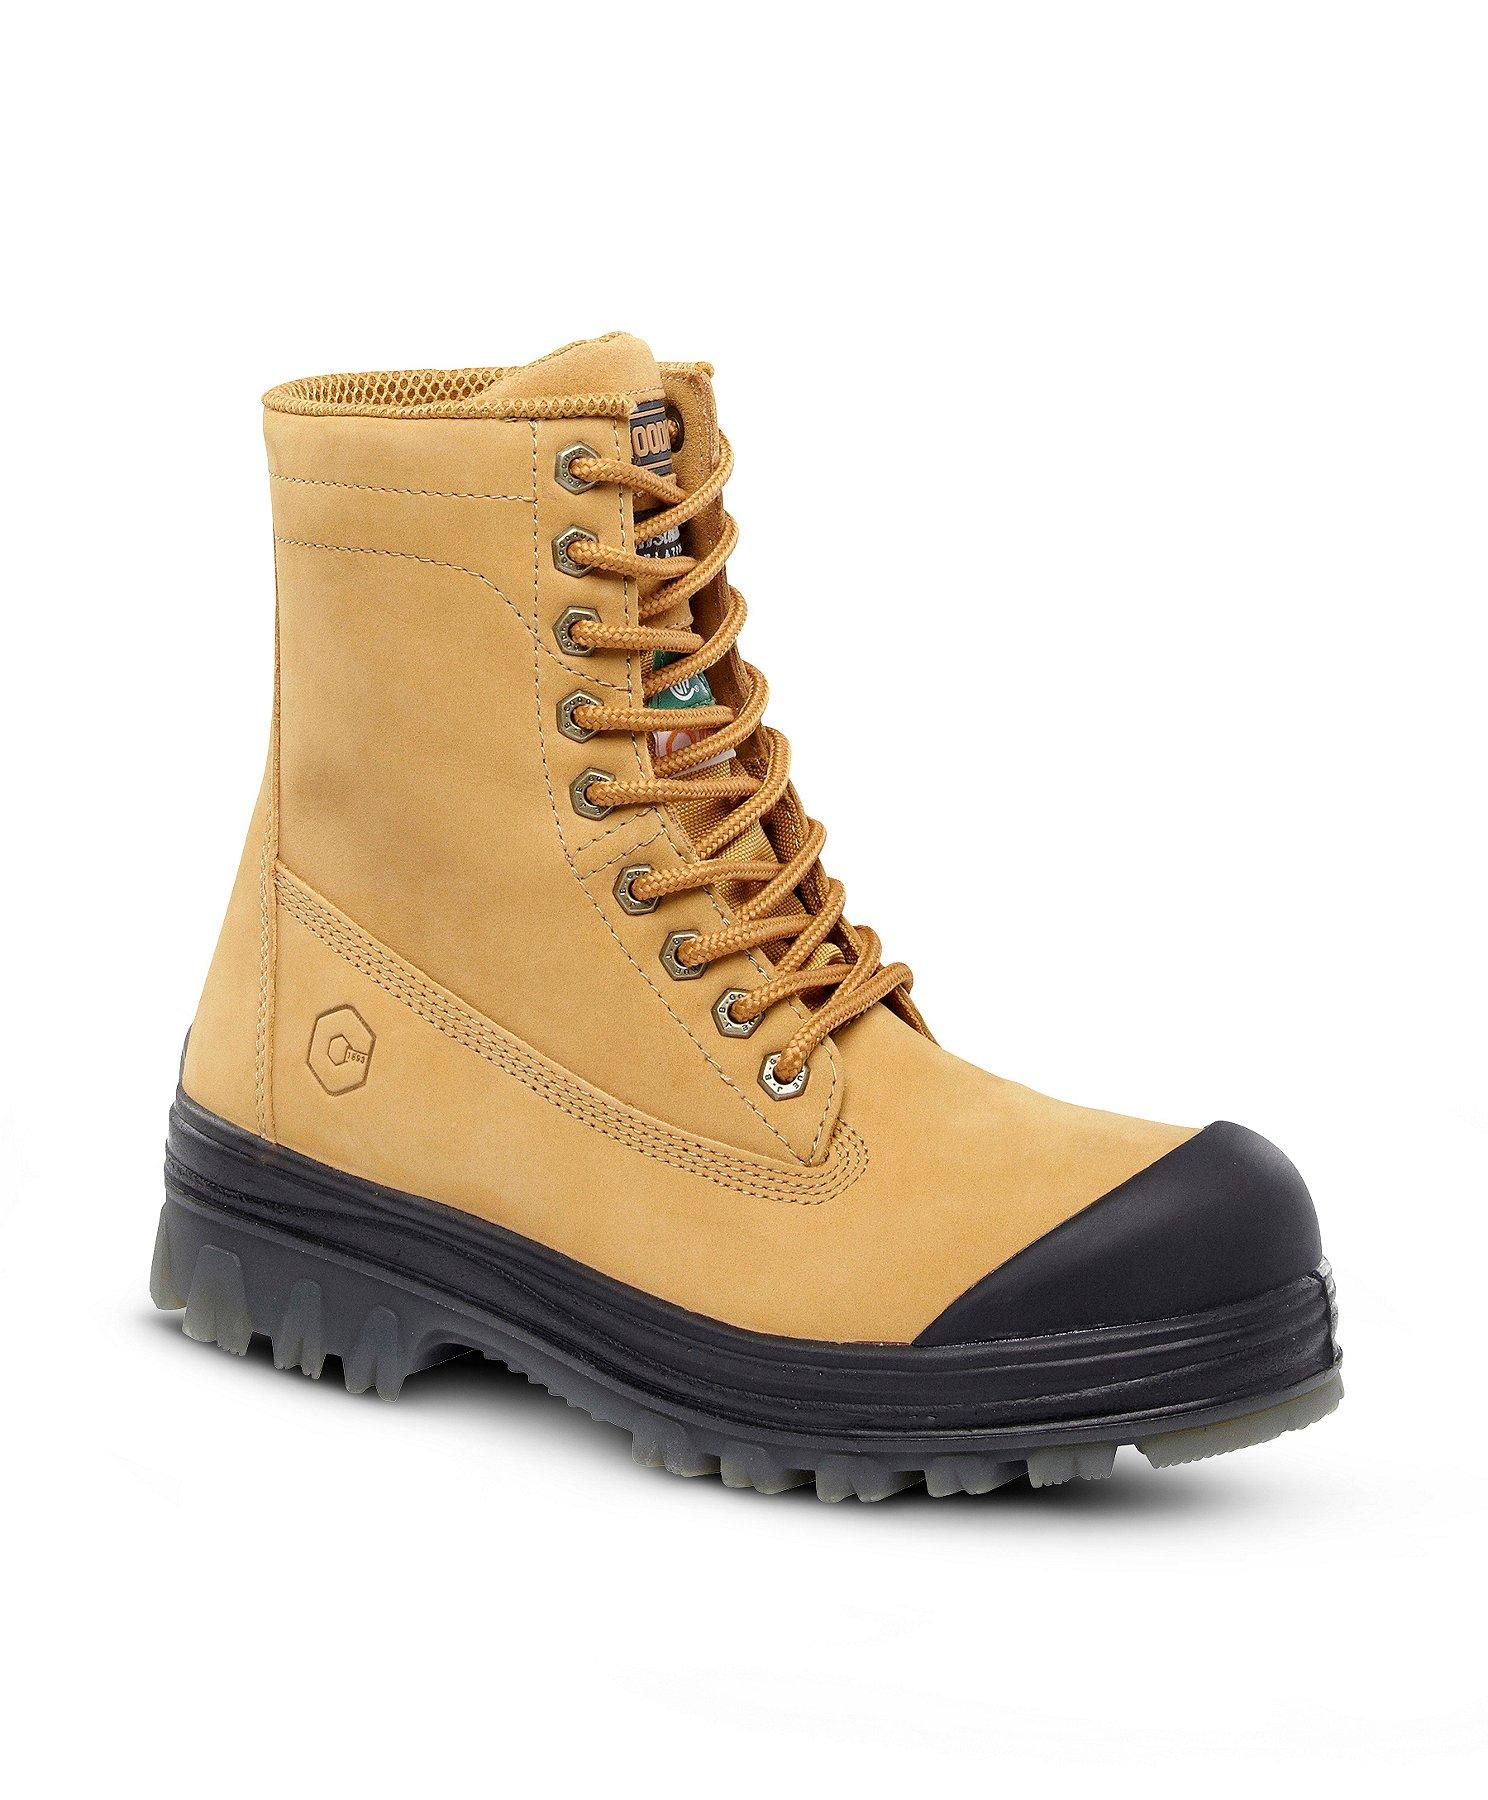 Homme Léger Bottes De Sécurité Travail Acier Embout Randonneur Bottines Chaussures femmes 5-12